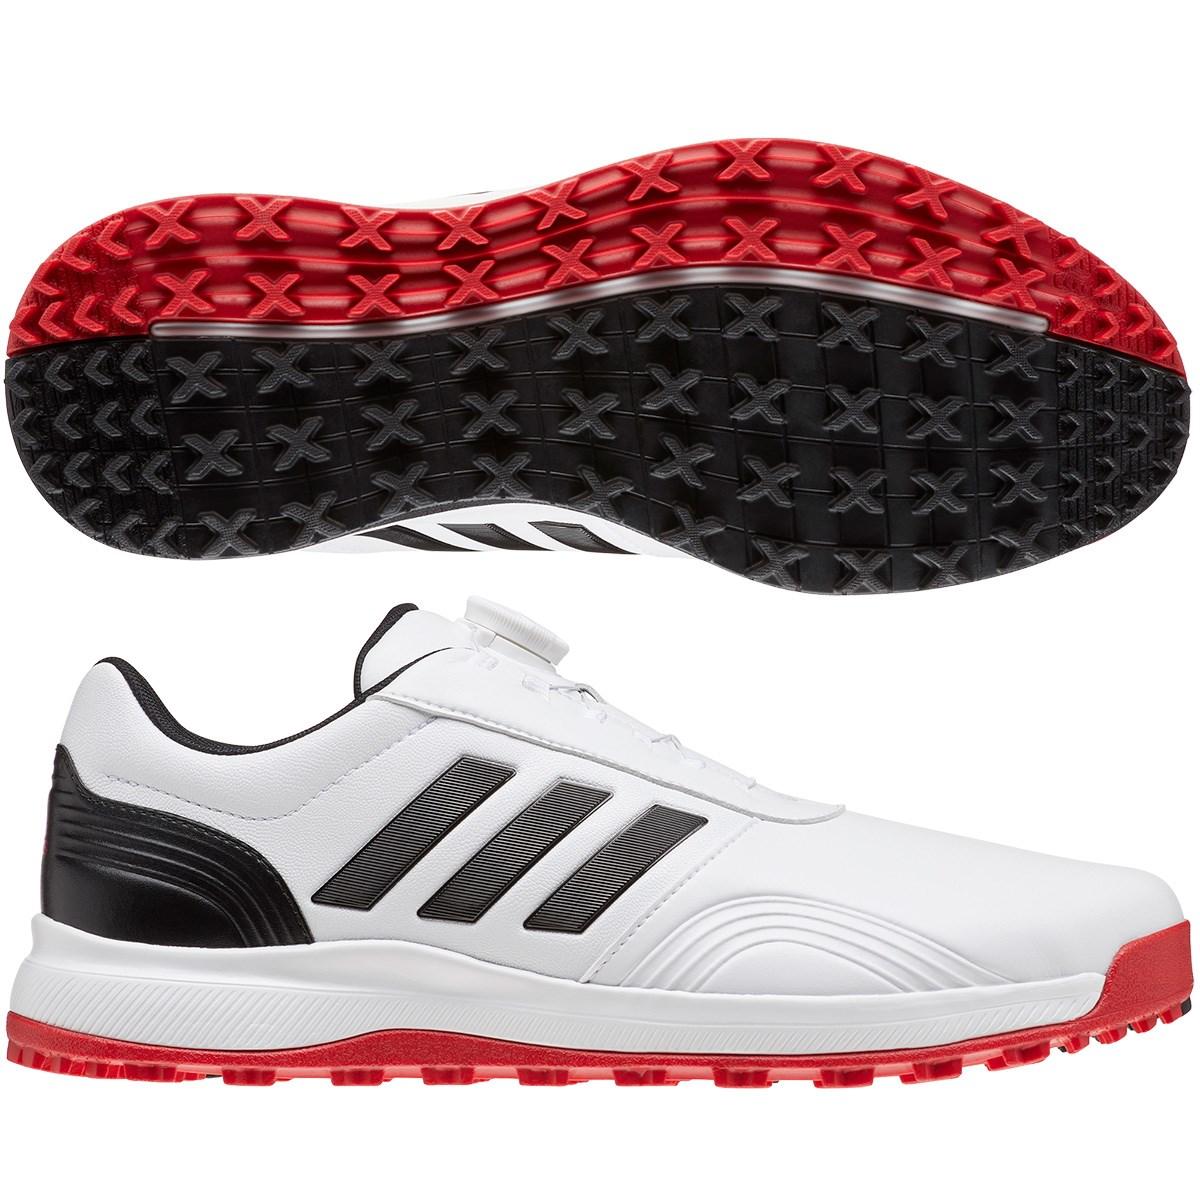 アディダス Adidas CP トラクション SLBOA シューズ 26.5cm ホワイト/コアブラック/スカーレット